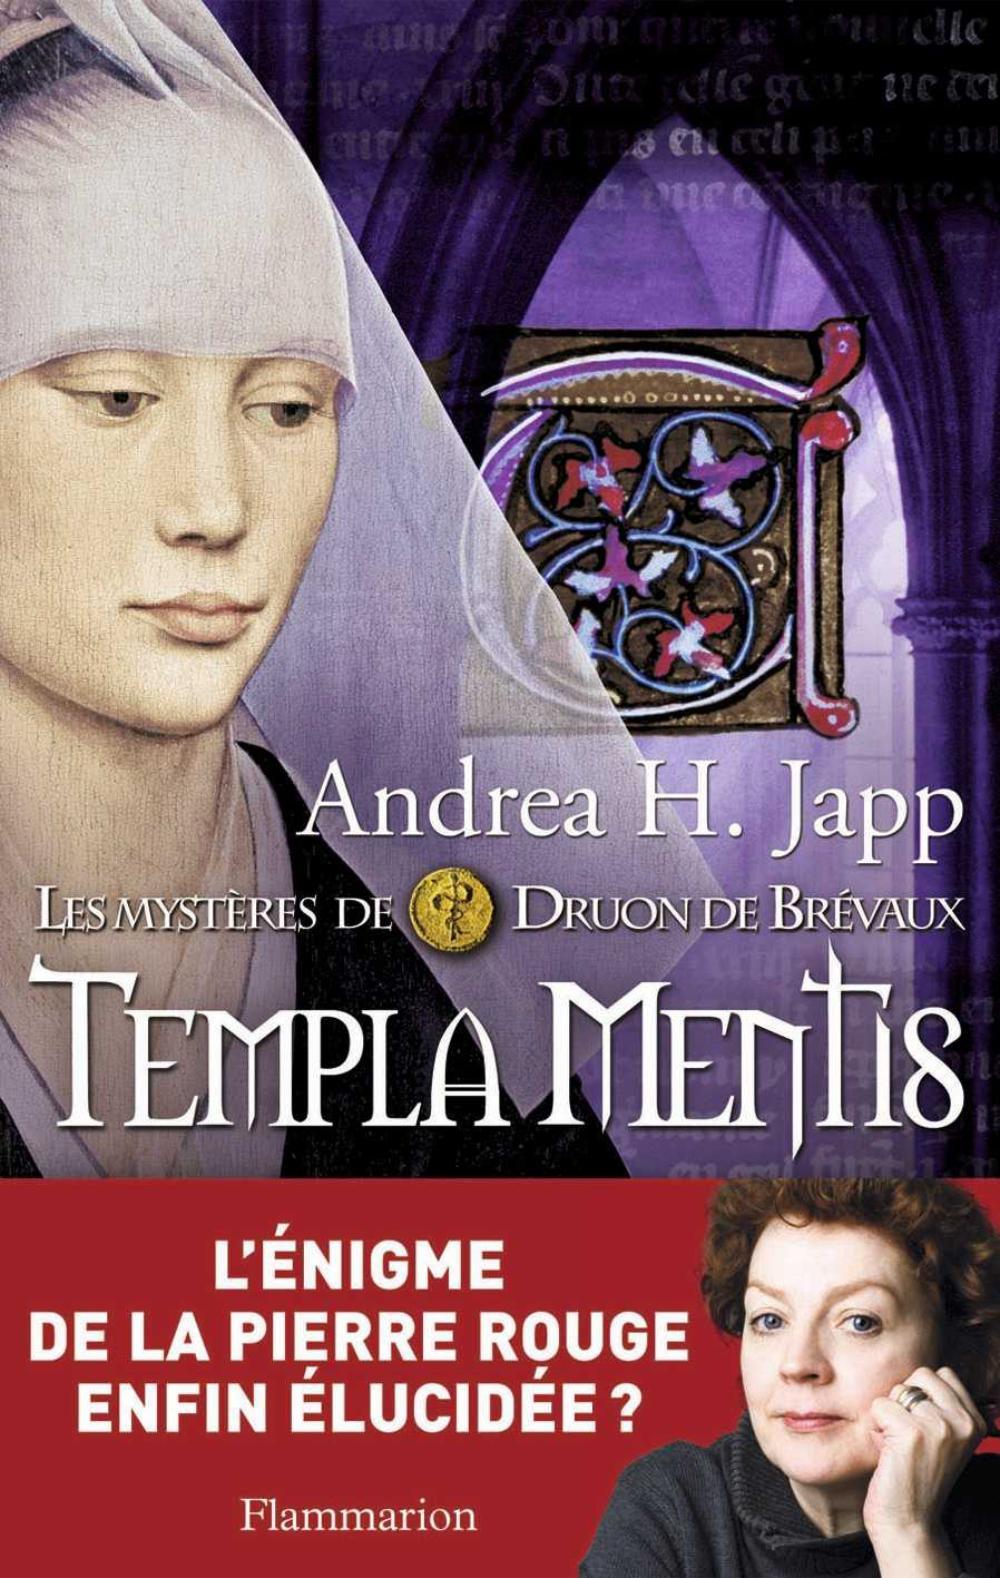 Les mystères de Druon de Brévaux (Tome 3) - Templa Mentis | Japp, Andrea H.